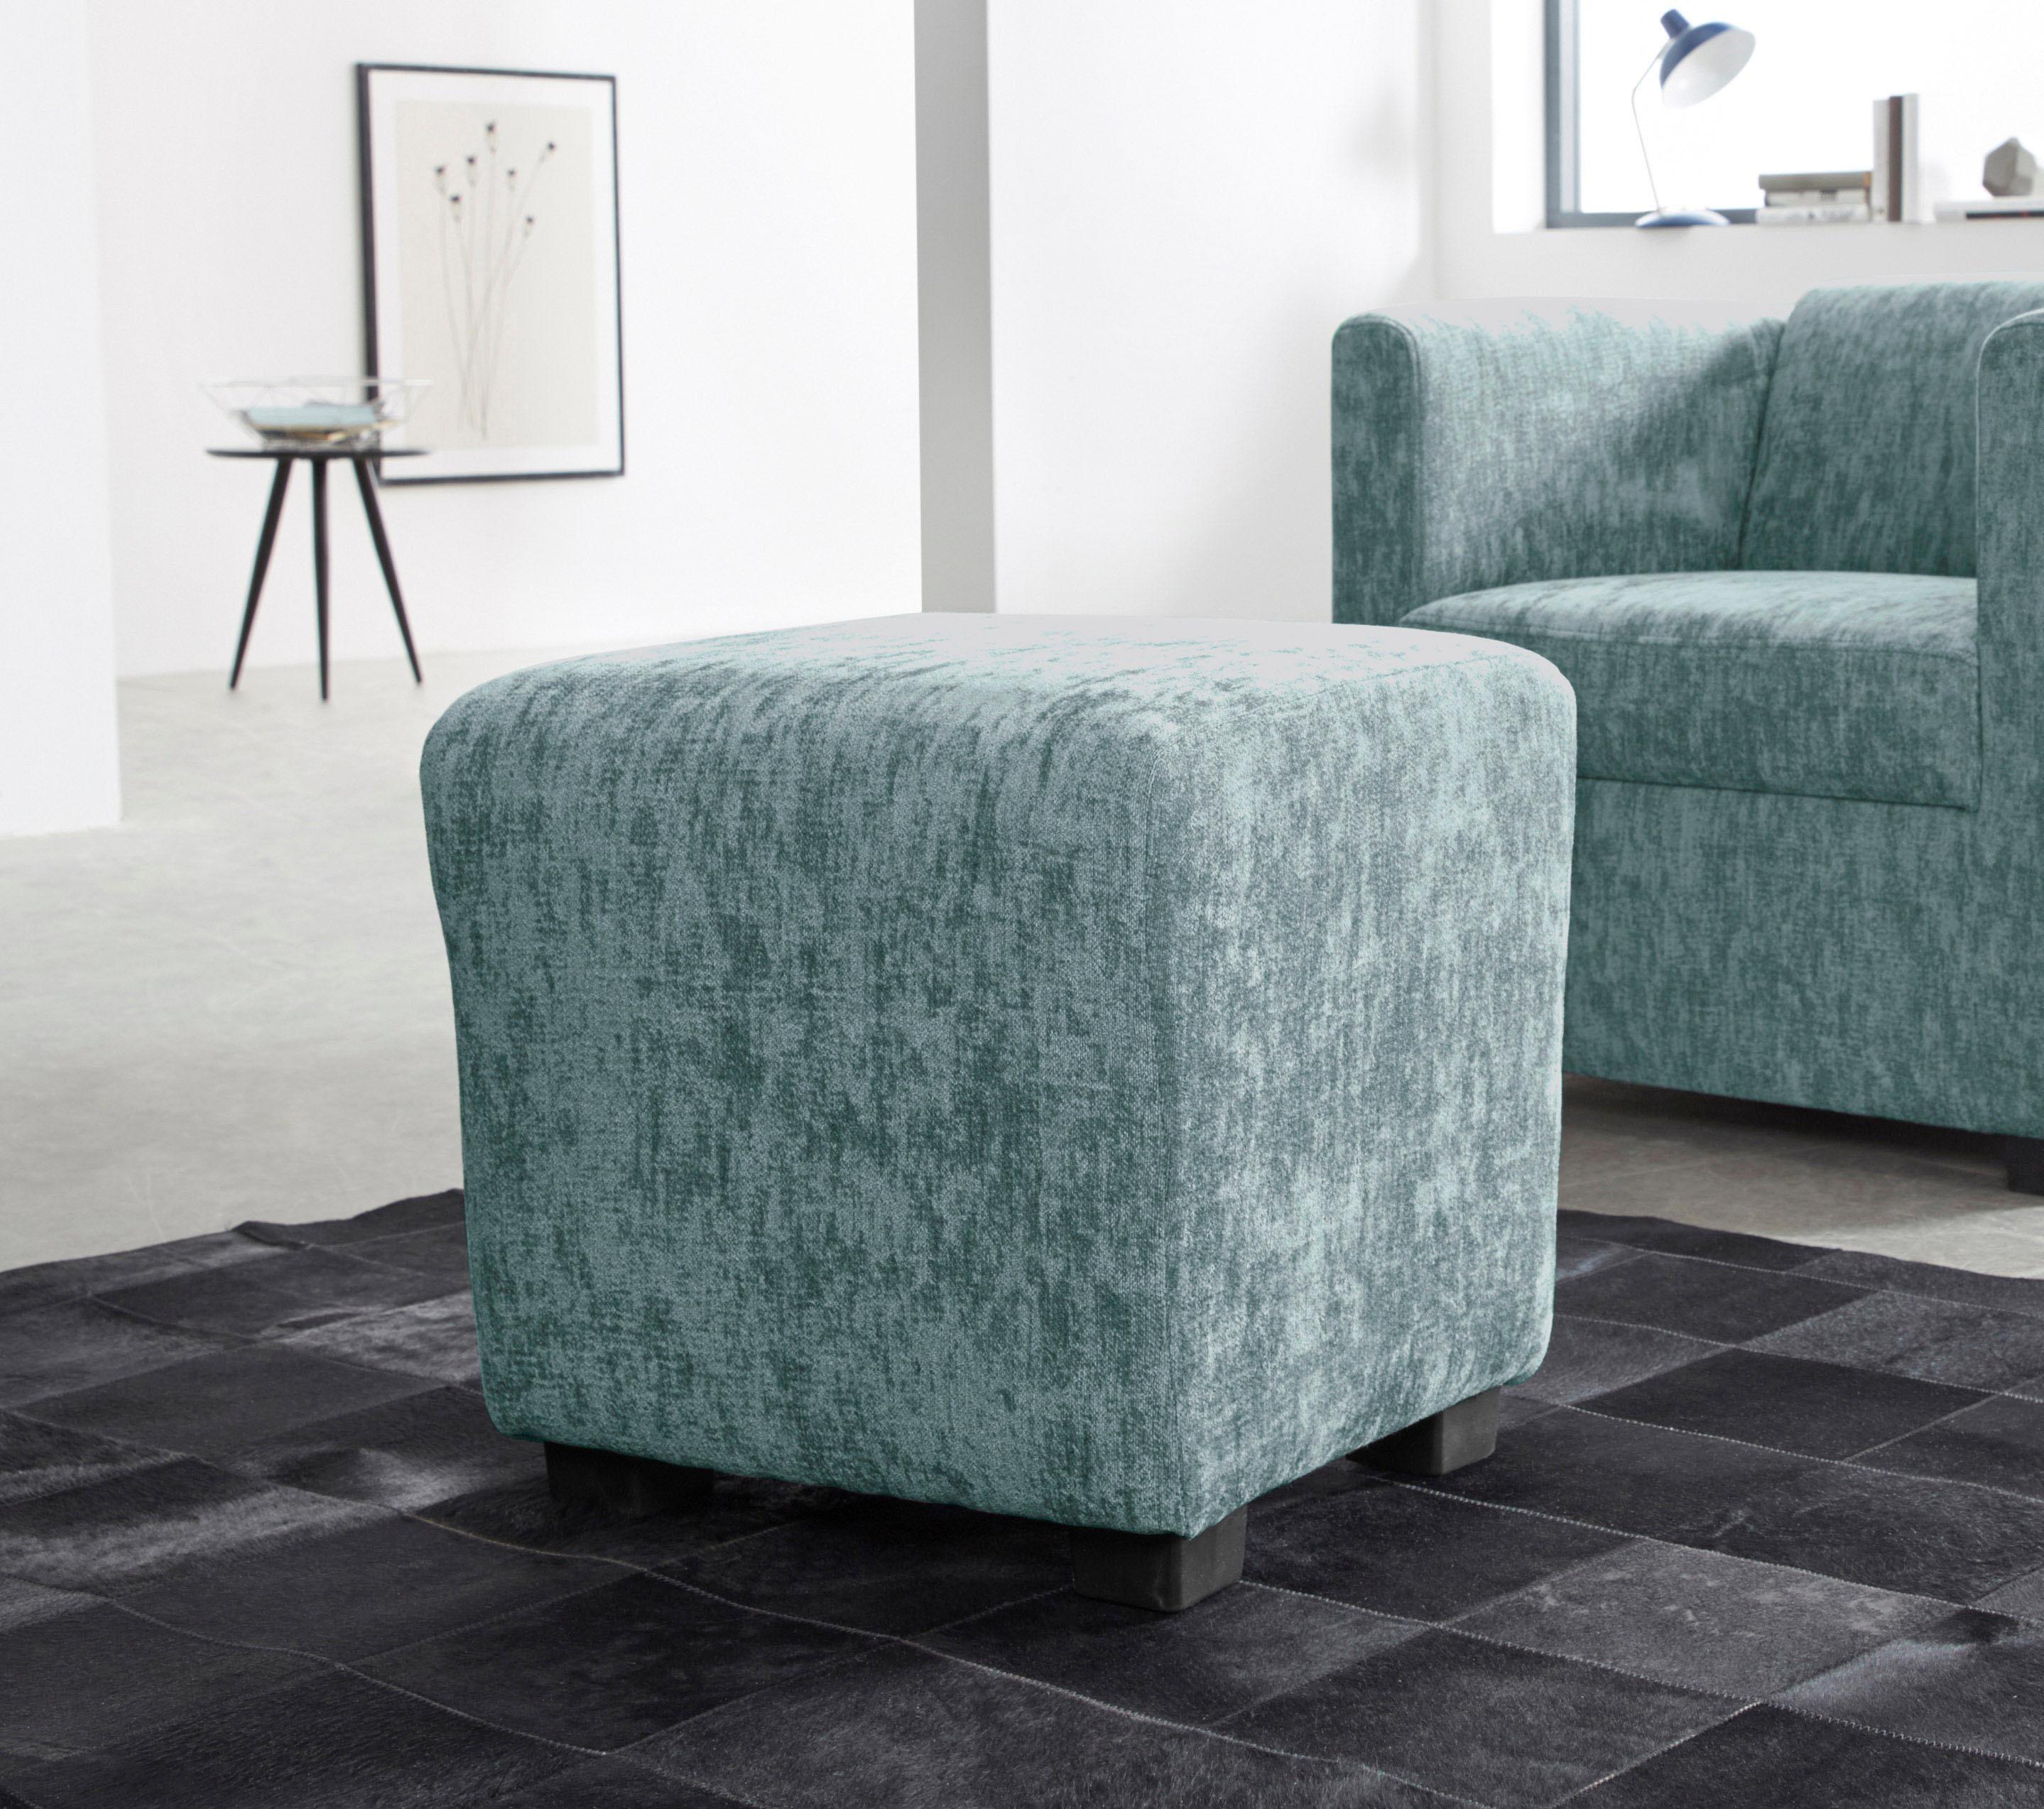 INOSIGN Hocker »Bob«, passend zu den Sesseln der Serie   Wohnzimmer > Hocker & Poufs > Sitzhocker   Microfaser - Chenille   INOSIGN